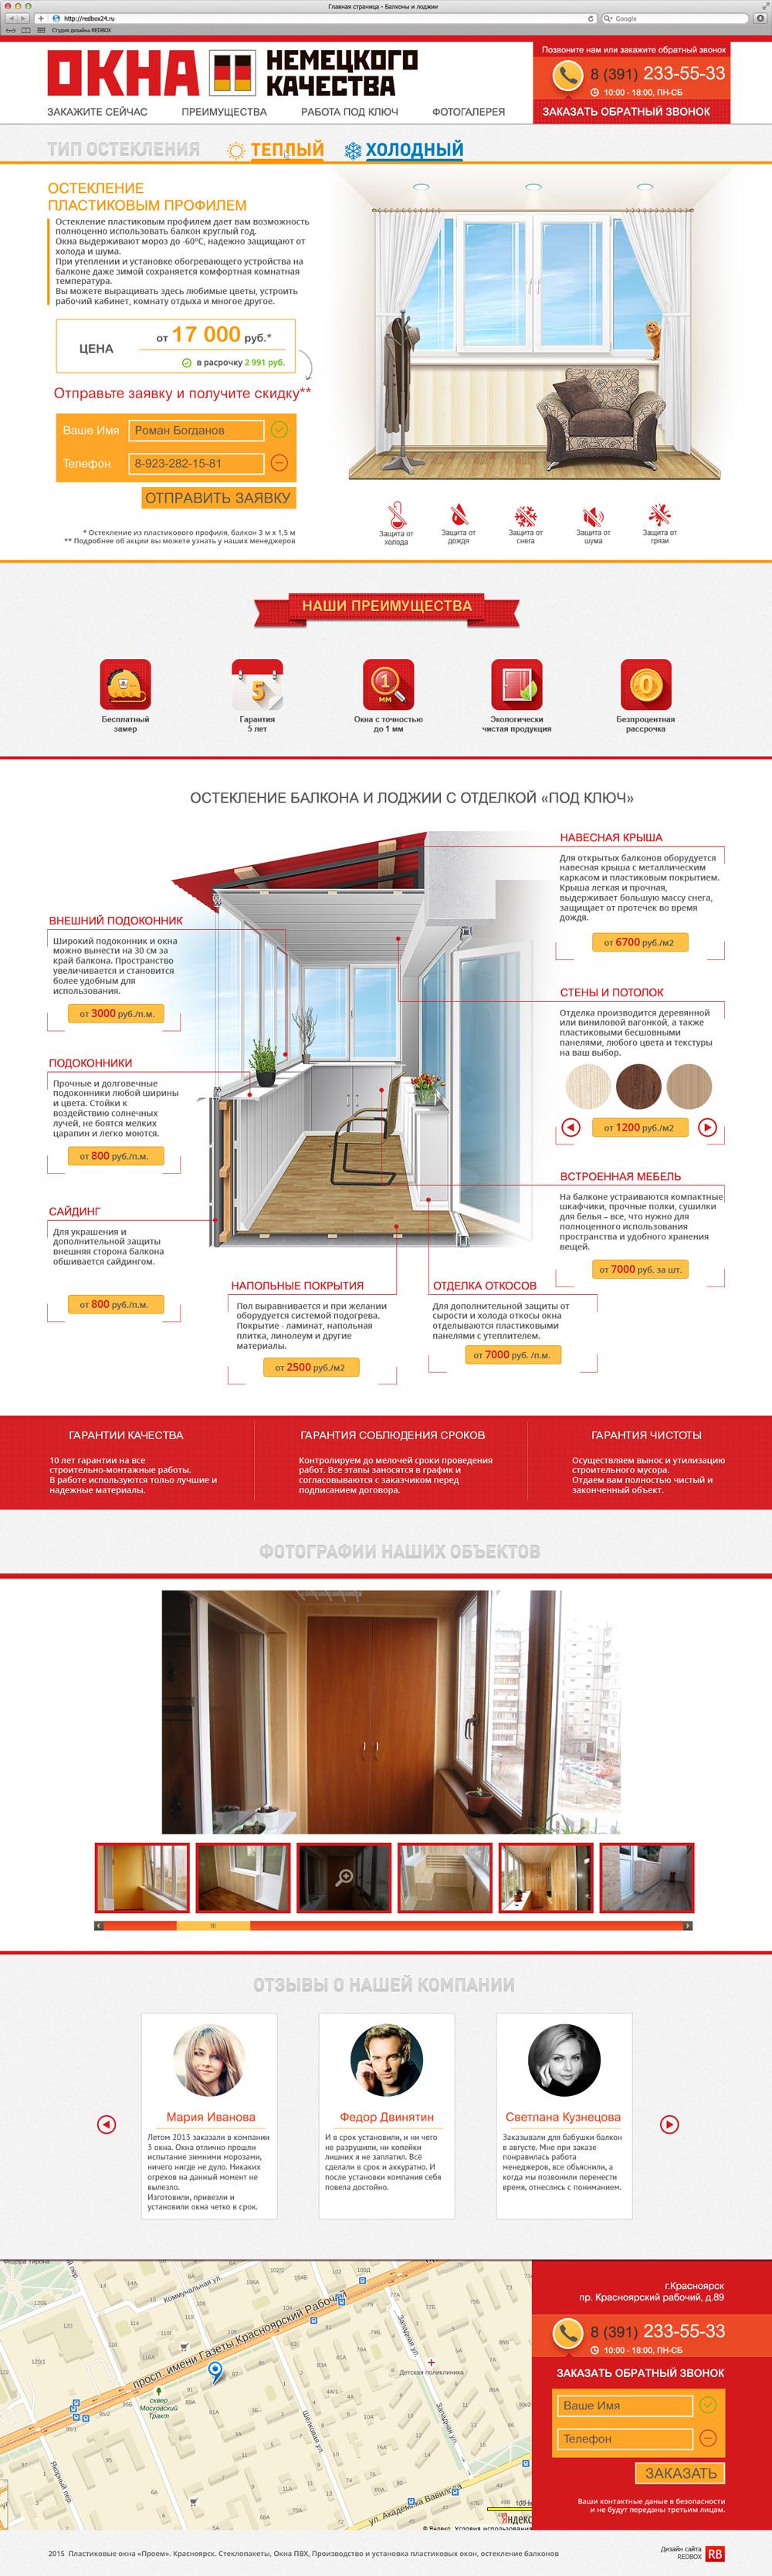 Главная страница сайта компании по остеклению балконов